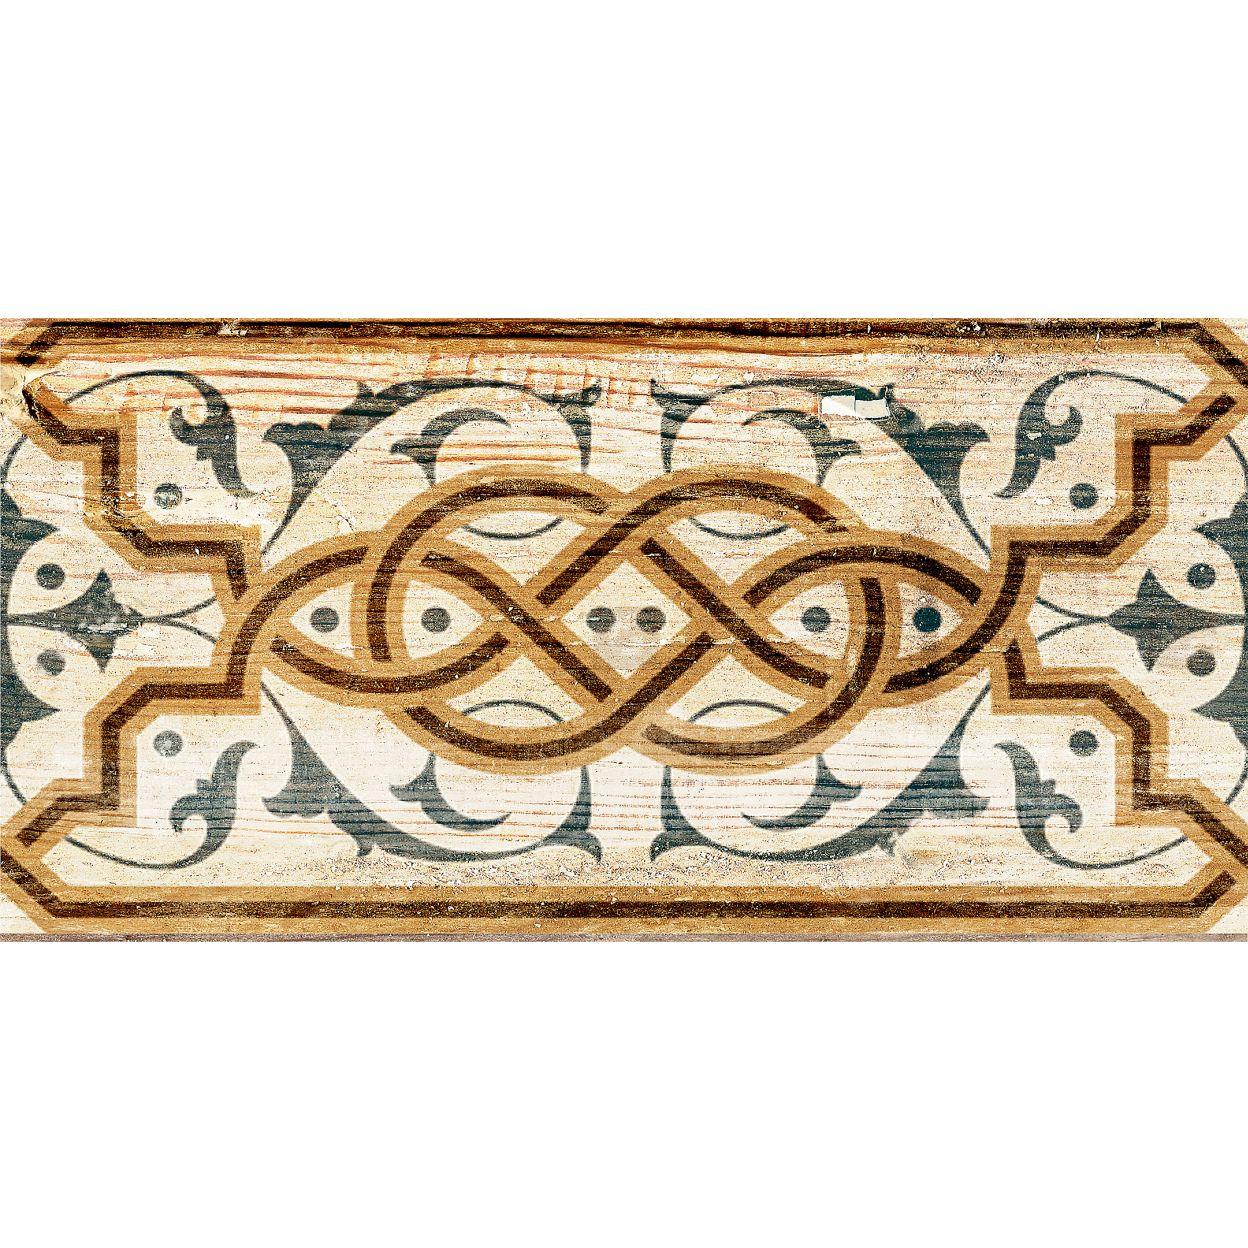 Керамогранит декор Gracia Ceramica Belinda мульти 02 100x200x8 мм (44 шт.=0,88 кв.м) панно gracia ceramica palermo beige 02 50x40 комплект